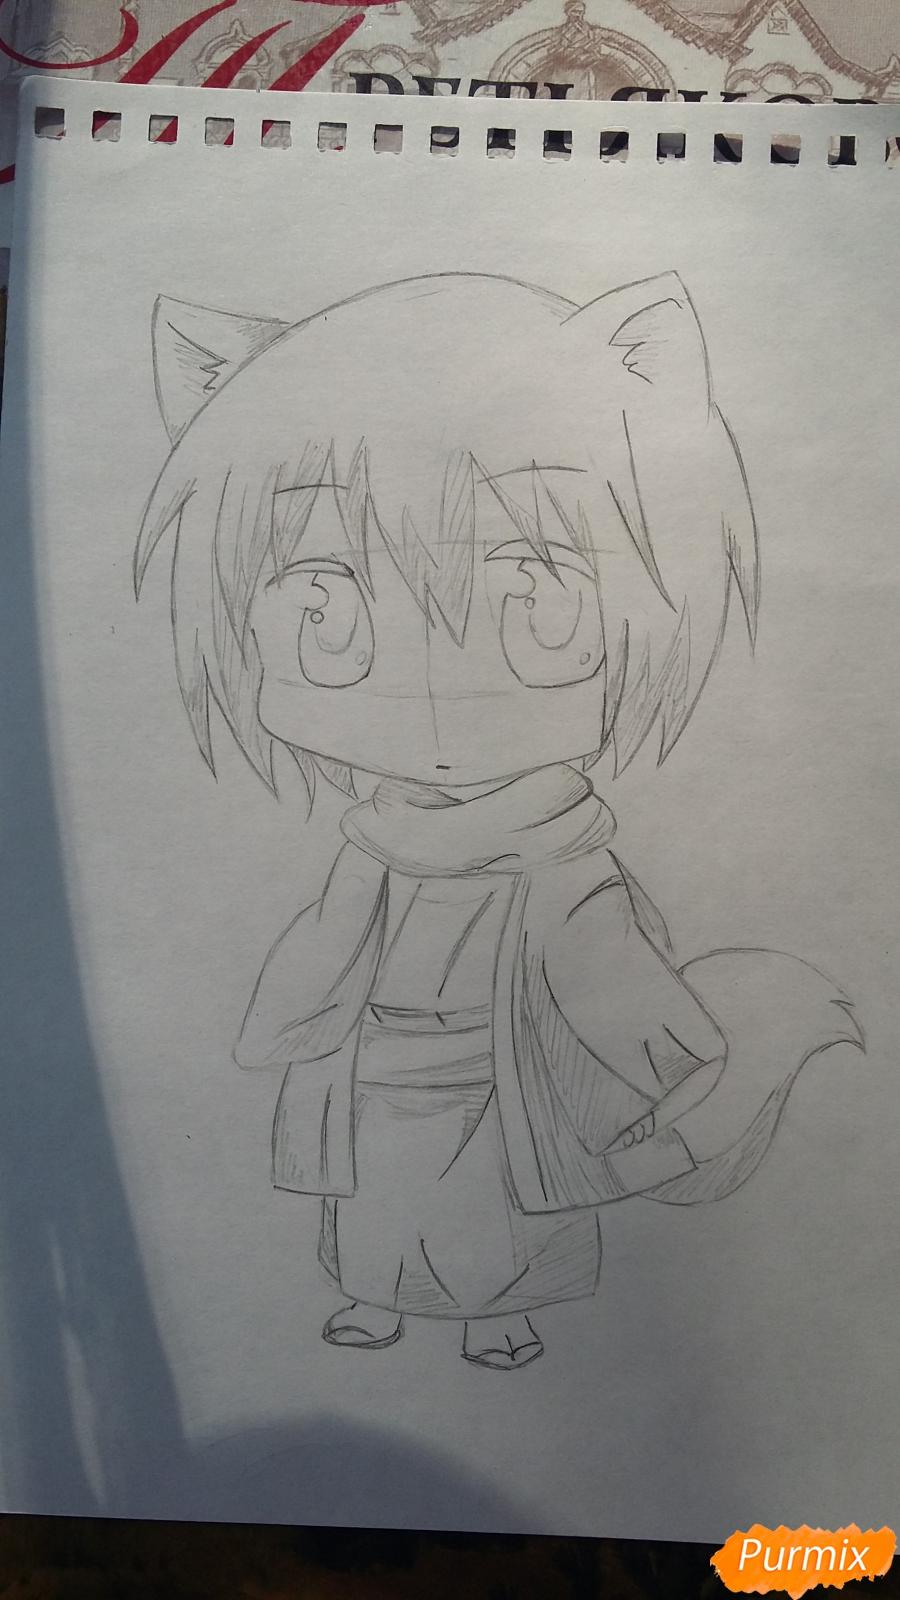 Как нарисовать Томоэ в стиле чиби из аниме Очень приятно, Бог  - шаг 5